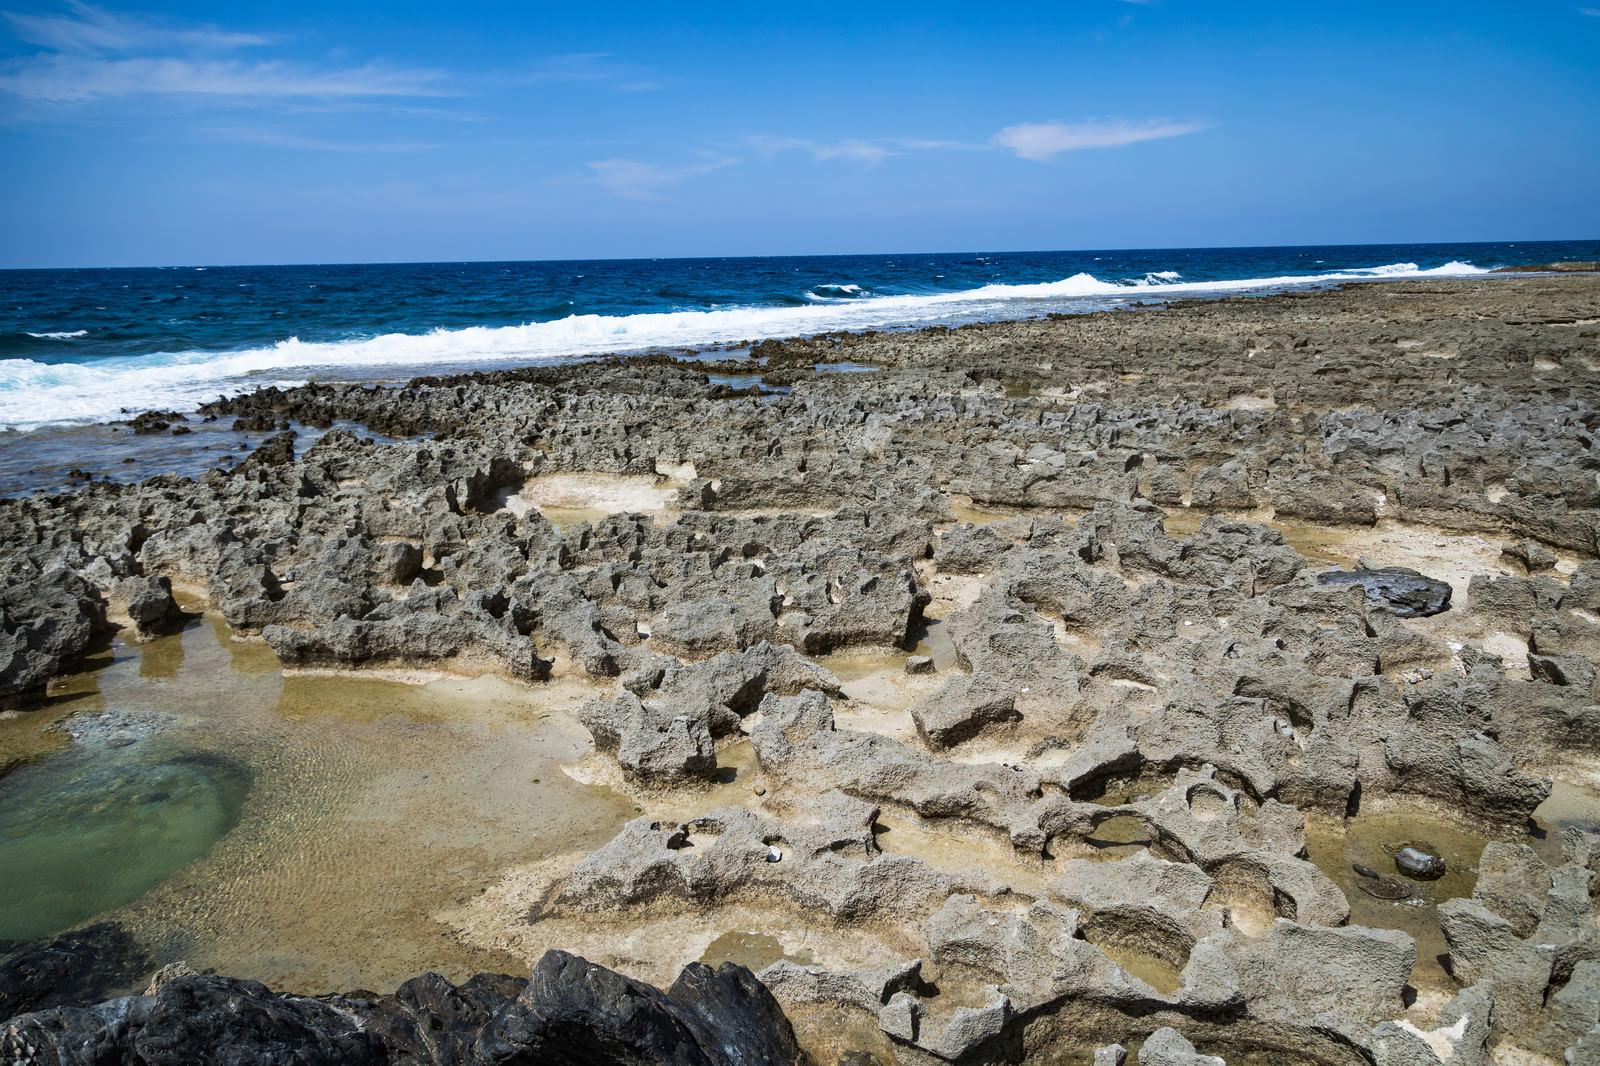 「隆起サンゴ礁でゴツゴツした犬田布海岸」の写真